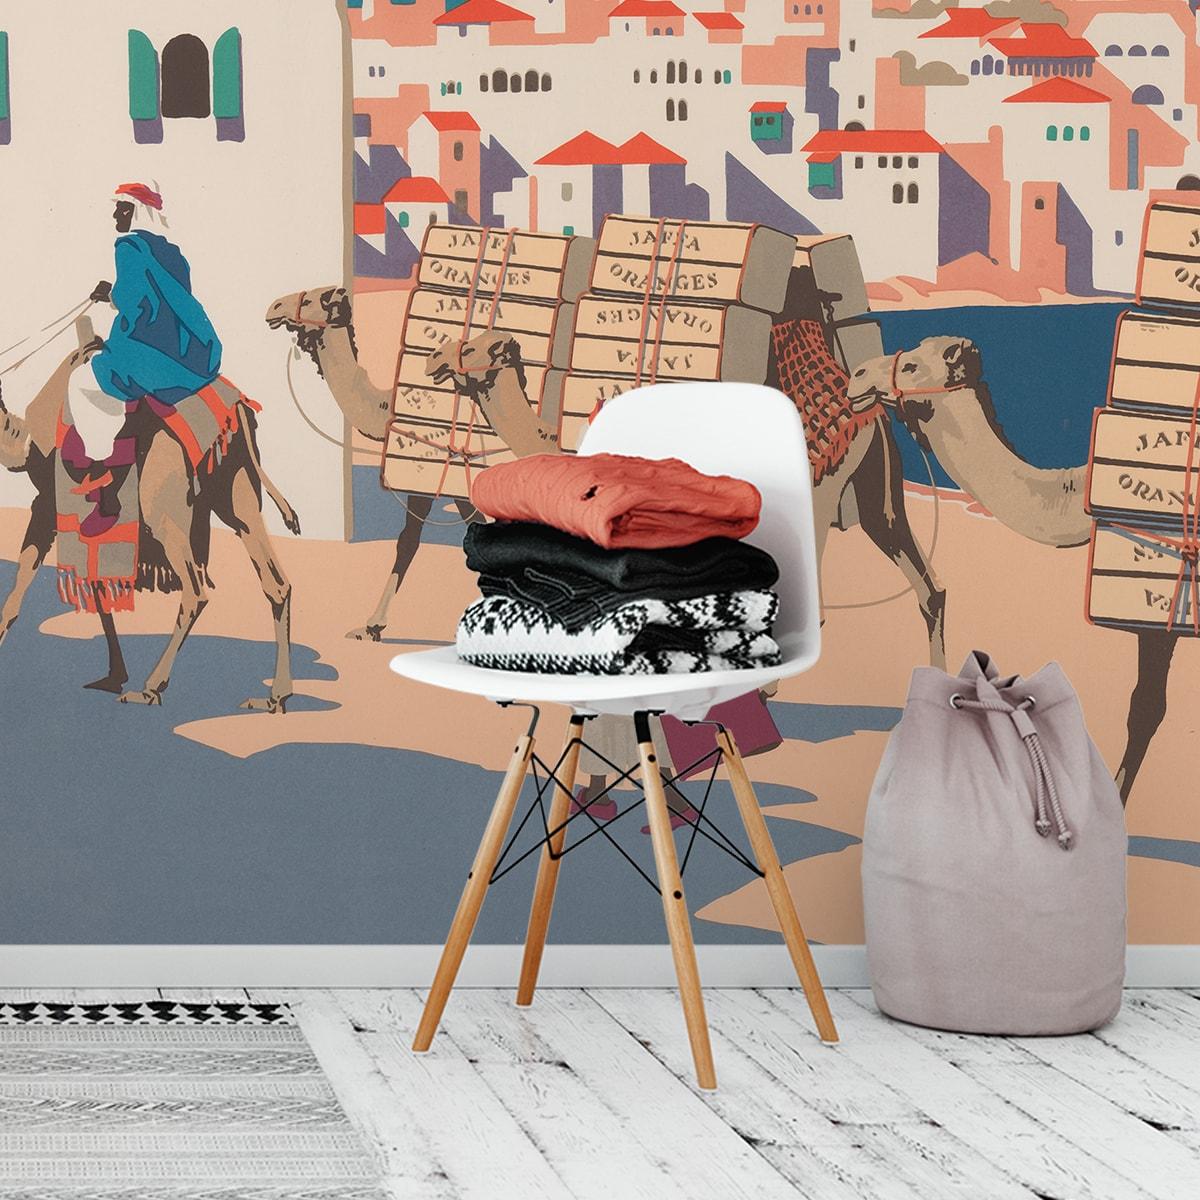 """Tapete mit Kunstwerk """"Die Orangen von Jaffa"""" nach Frank Newbould"""